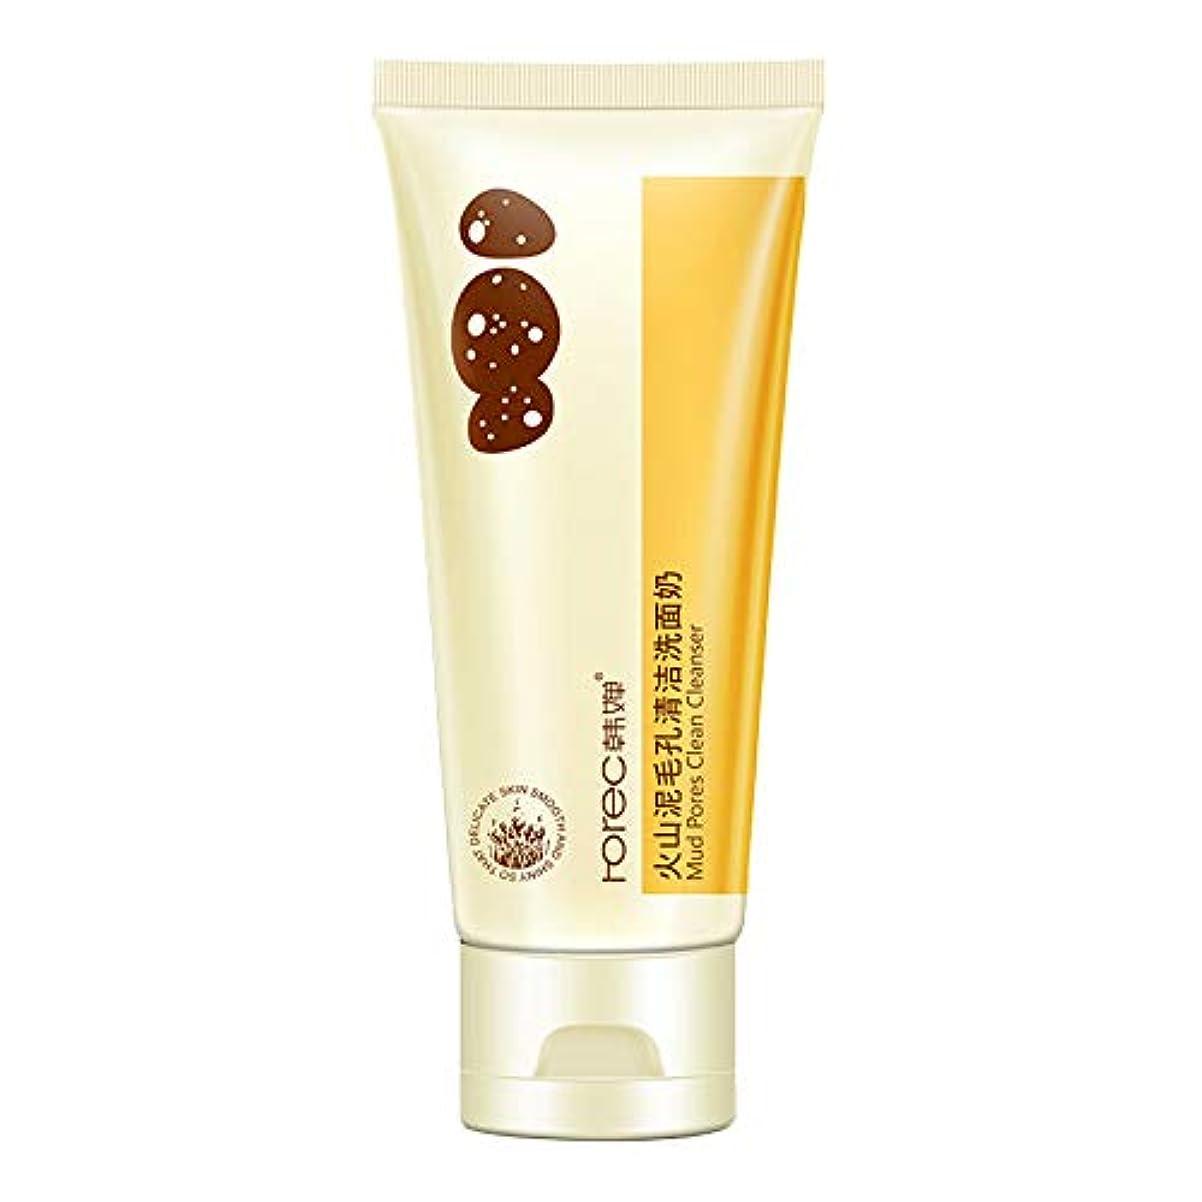 オゾンいたずらなイルAkane Rorec 顔洗い 深層 清潔 綺麗に 保湿 浄化 角質除去 クレンジング オイルコントロール 火山泥 使いやすい 洗顔料 アロエクリーム NO.HC4328